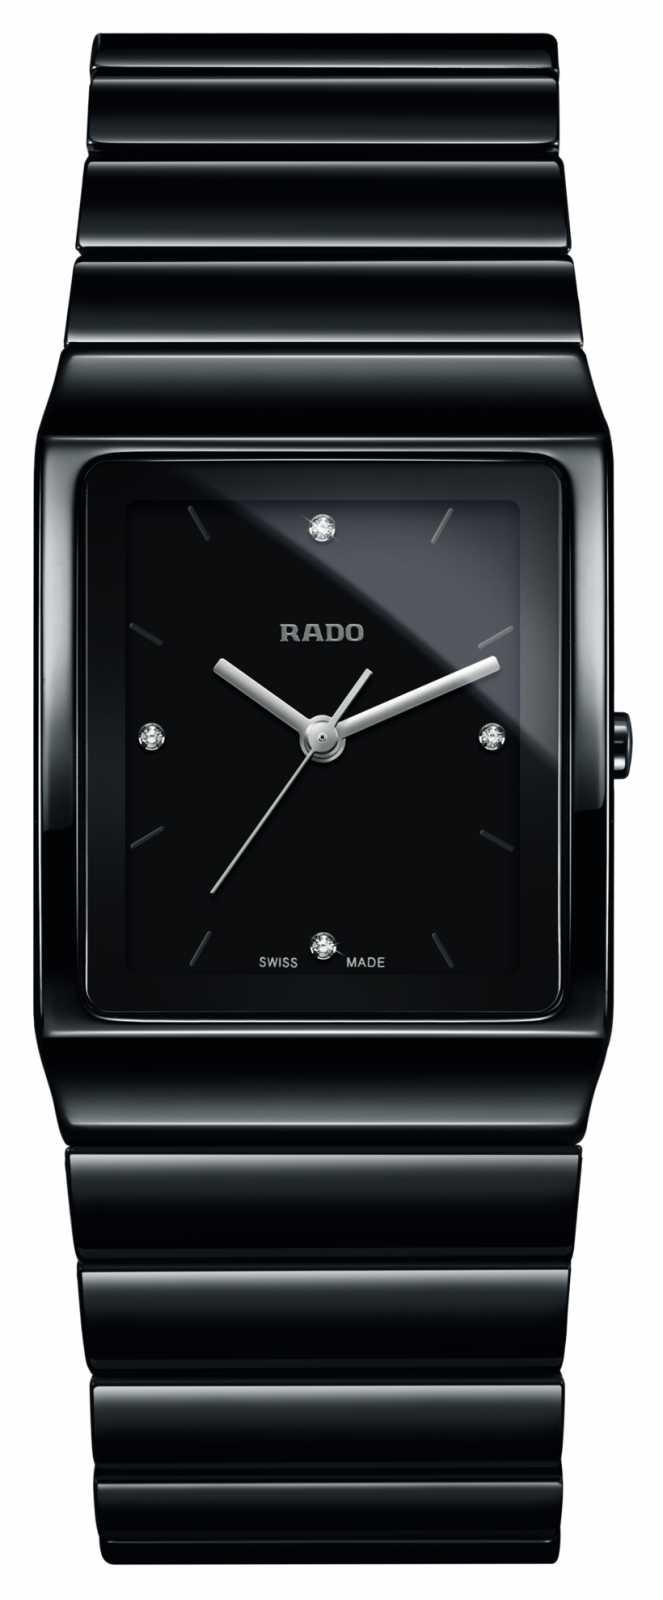 RADO Ceramica Diamonds Square Dial Ceramic Bracelet Watch R21700702